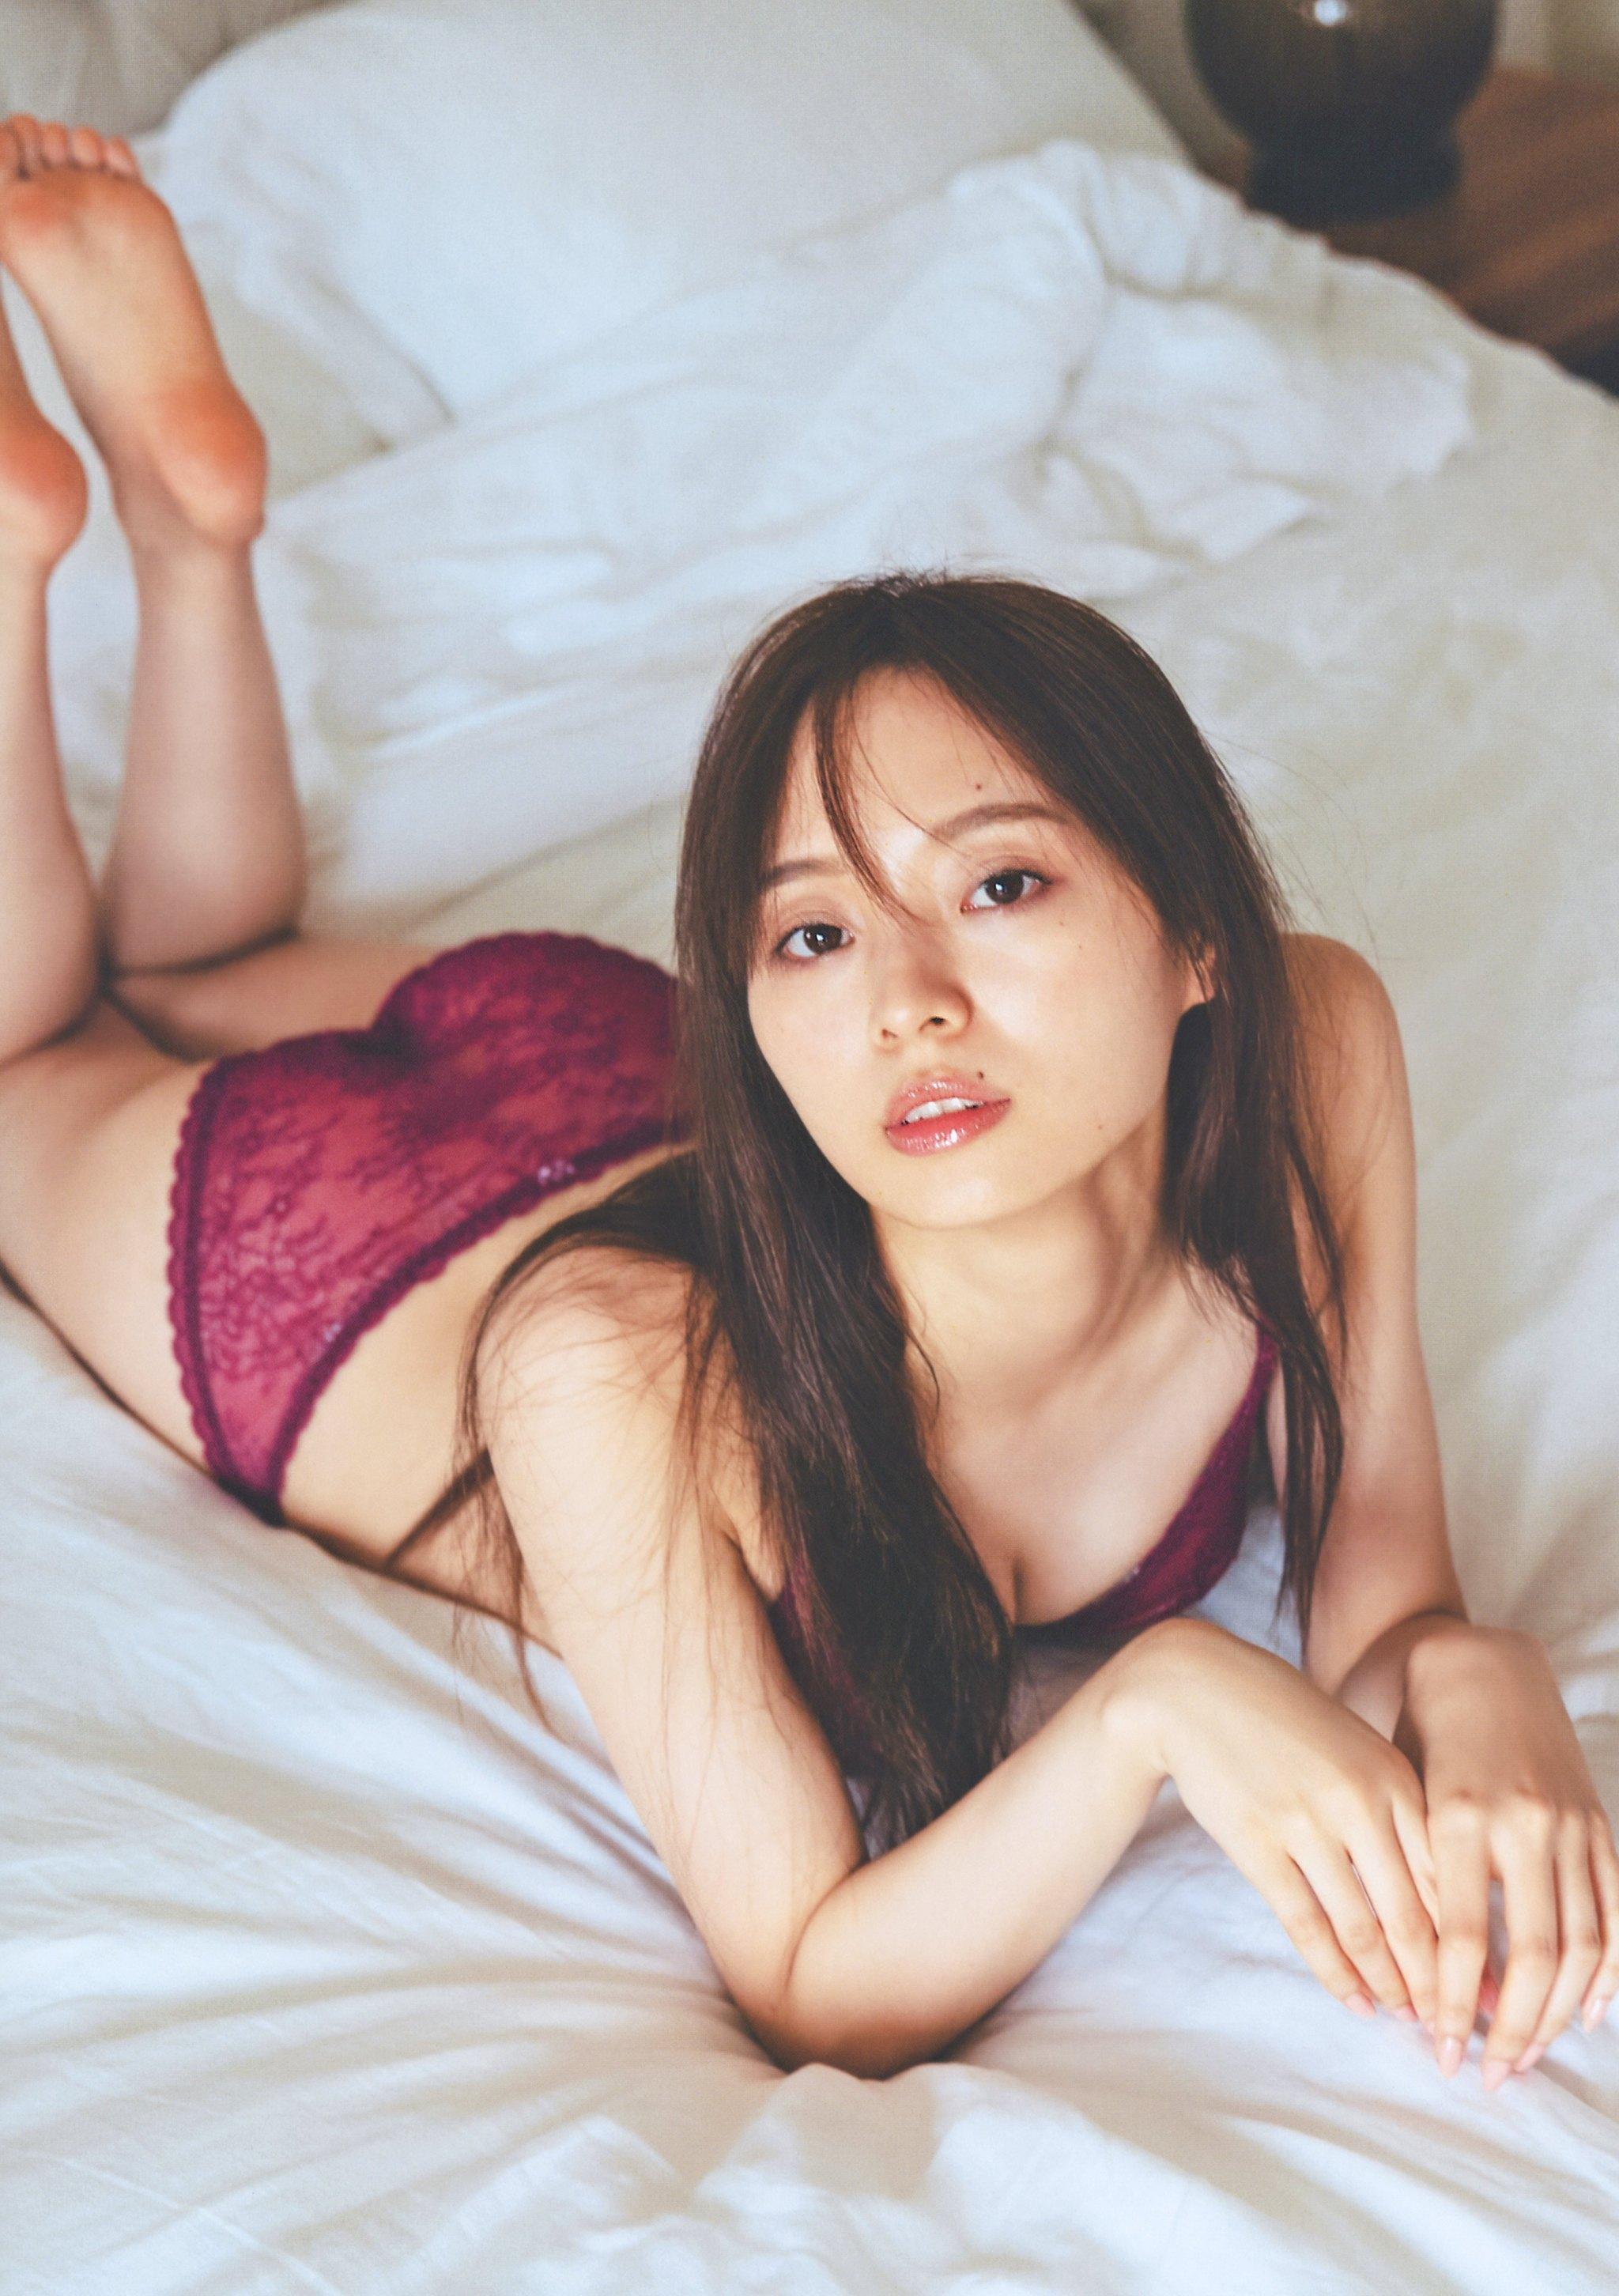 梅泽美波_20210203211907_5